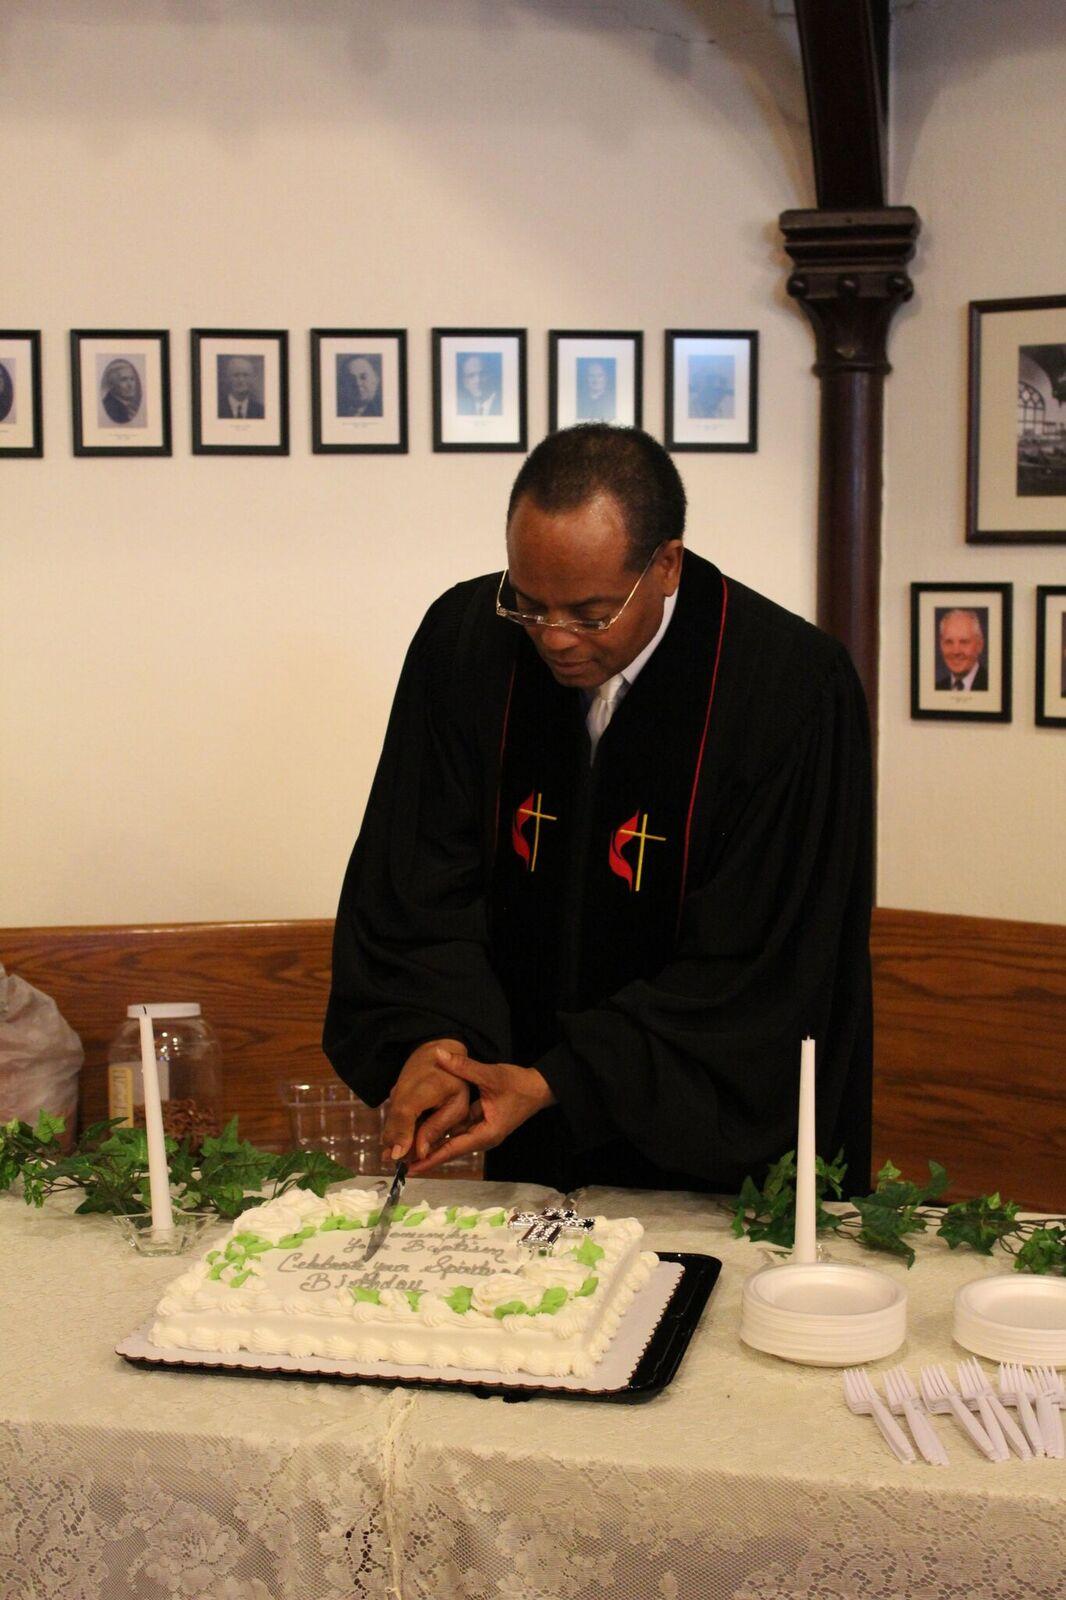 Cutting baptism cake.jpeg